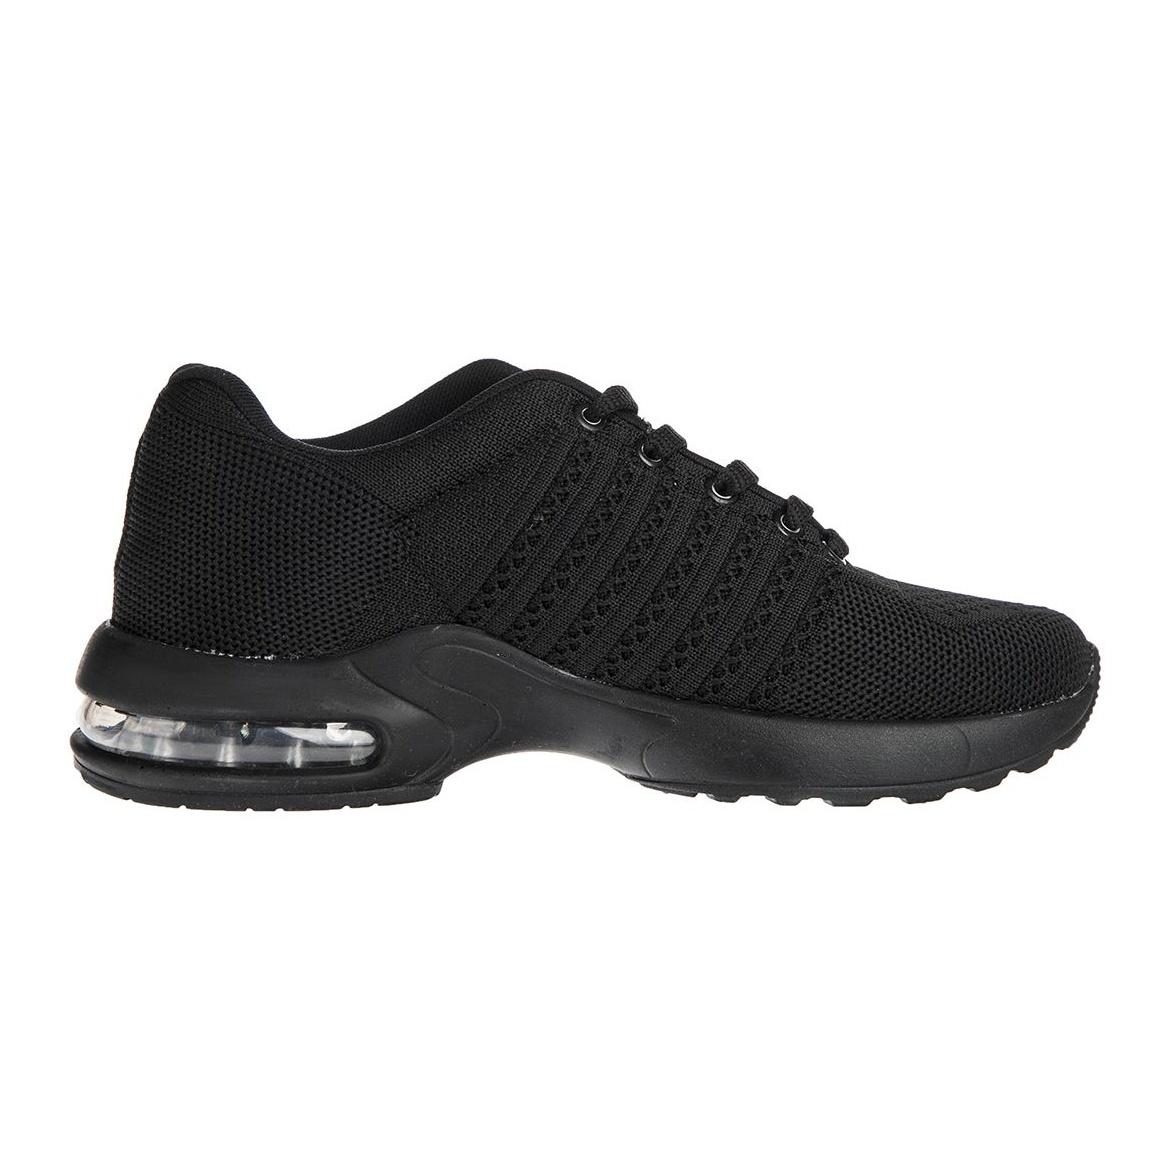 کفش مخصوص پیاده روی زنانه کد 202 main 1 3